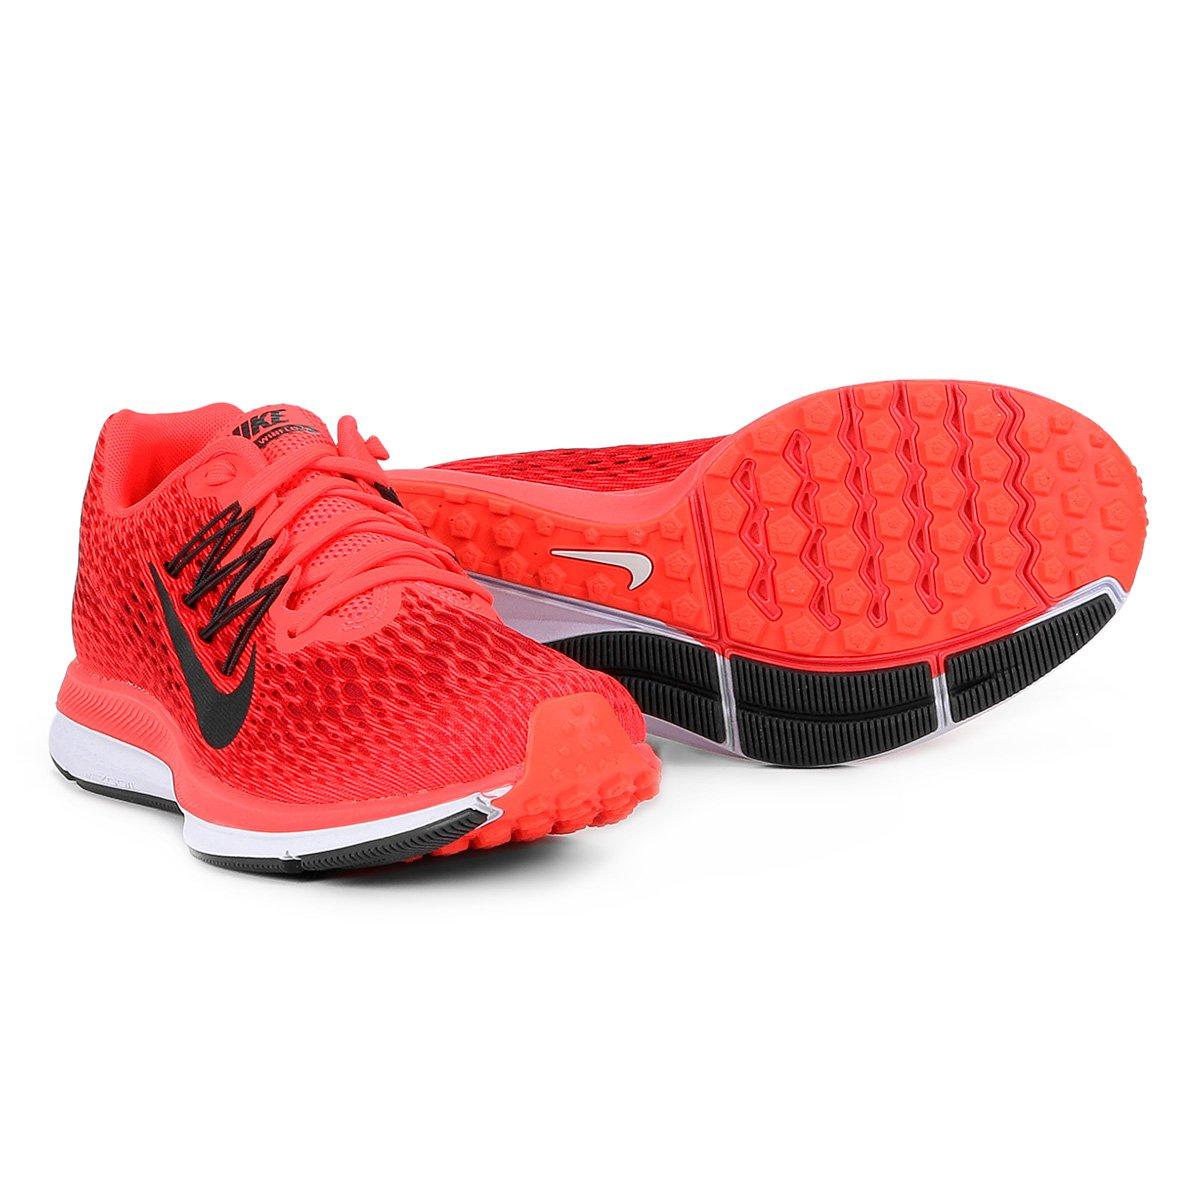 6b0eb45b4cfc6 Tênis Nike WMNS Zoom Winflo 5 Feminino | Netshoes